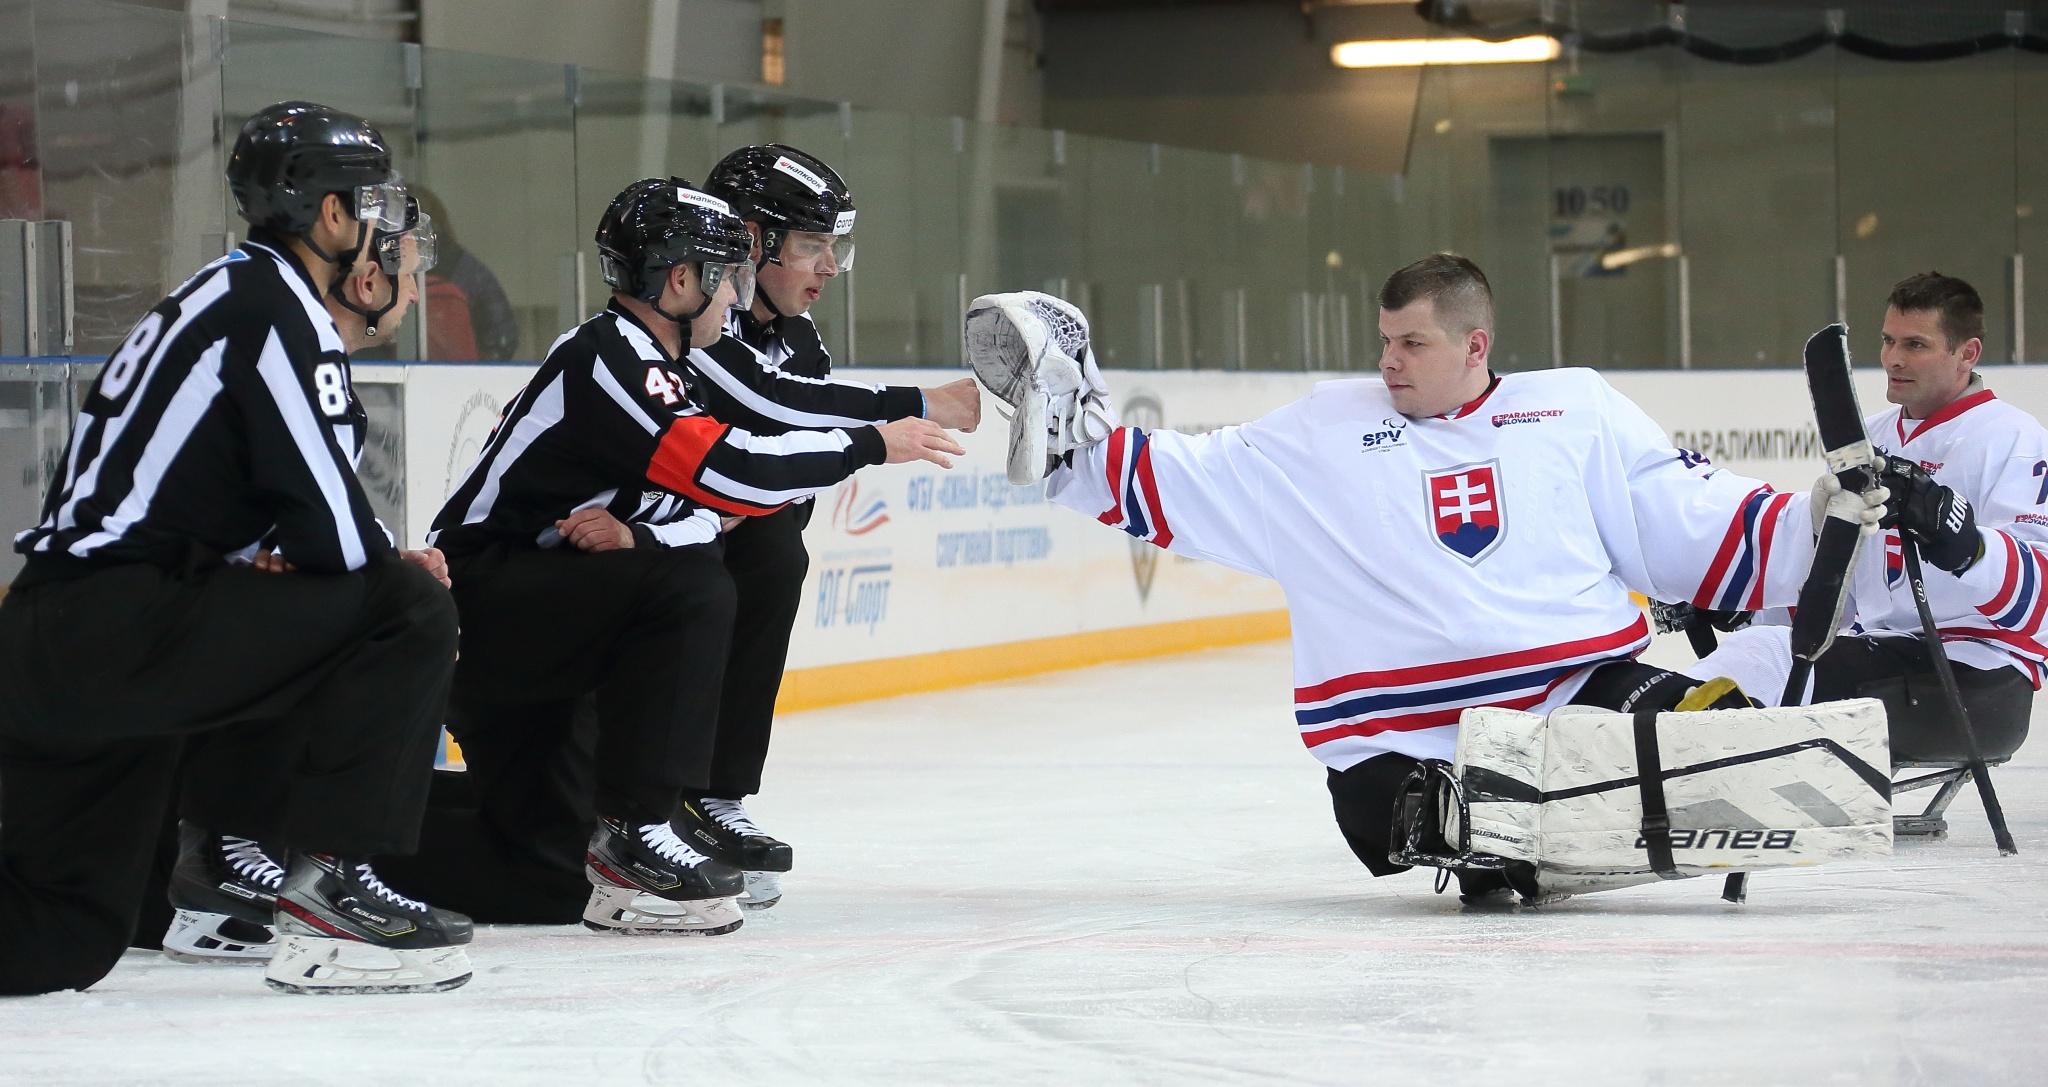 Сборные России сыграют в финале Кубка Континента по следж-хоккею